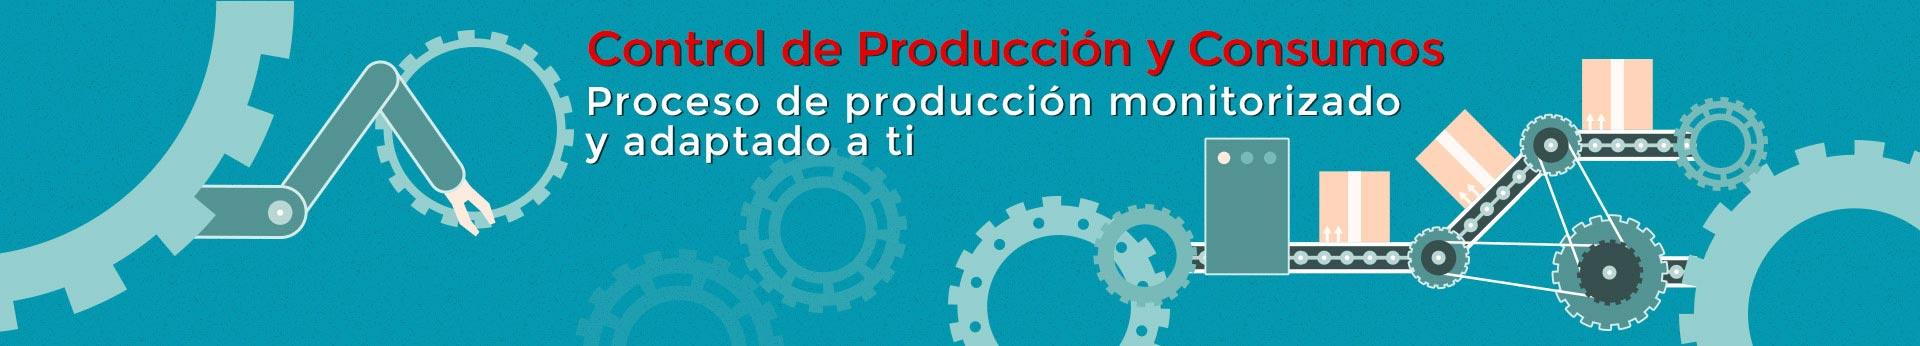 Control de Producción y Consumo